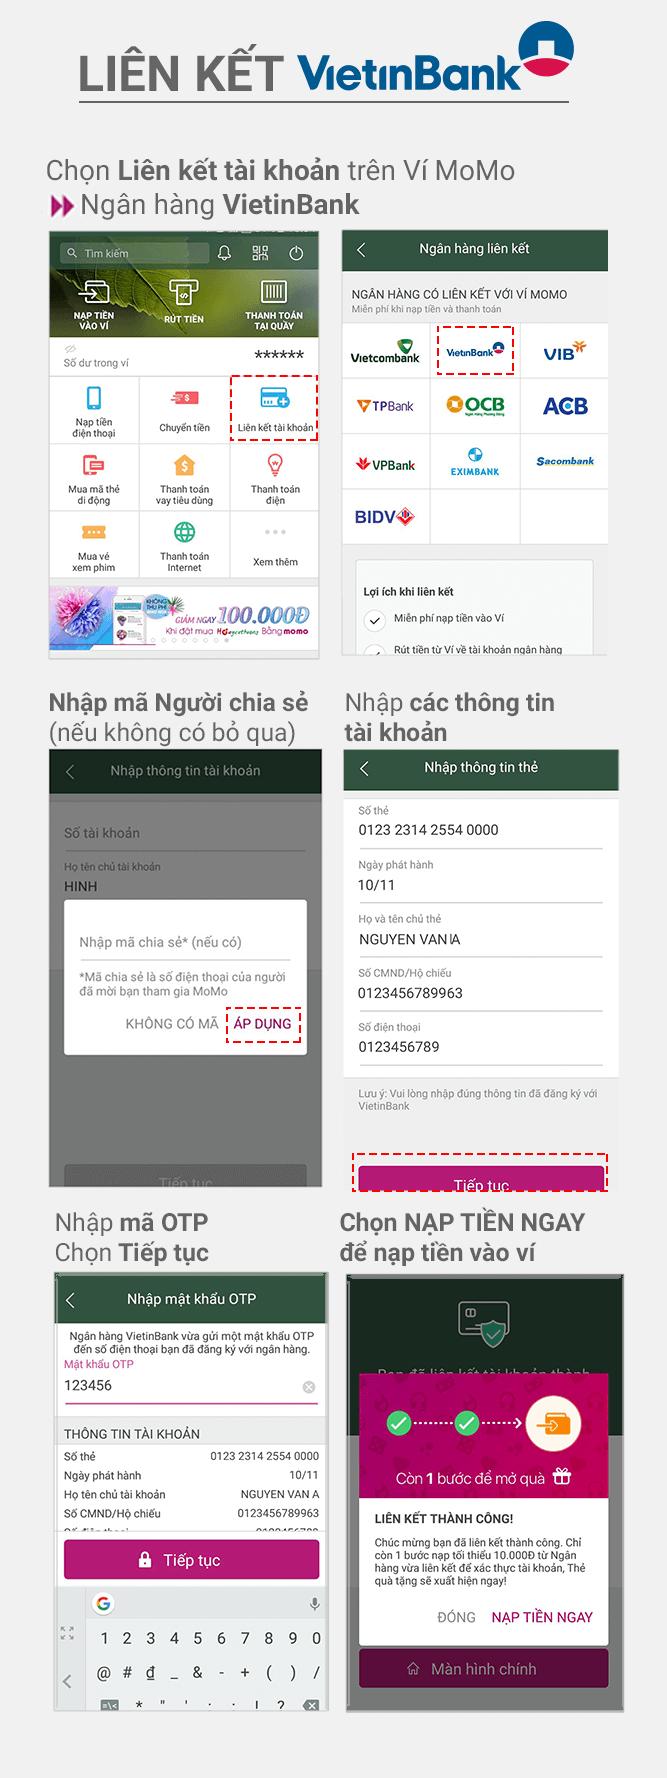 Hướng dẫn liên kết VTB Bank